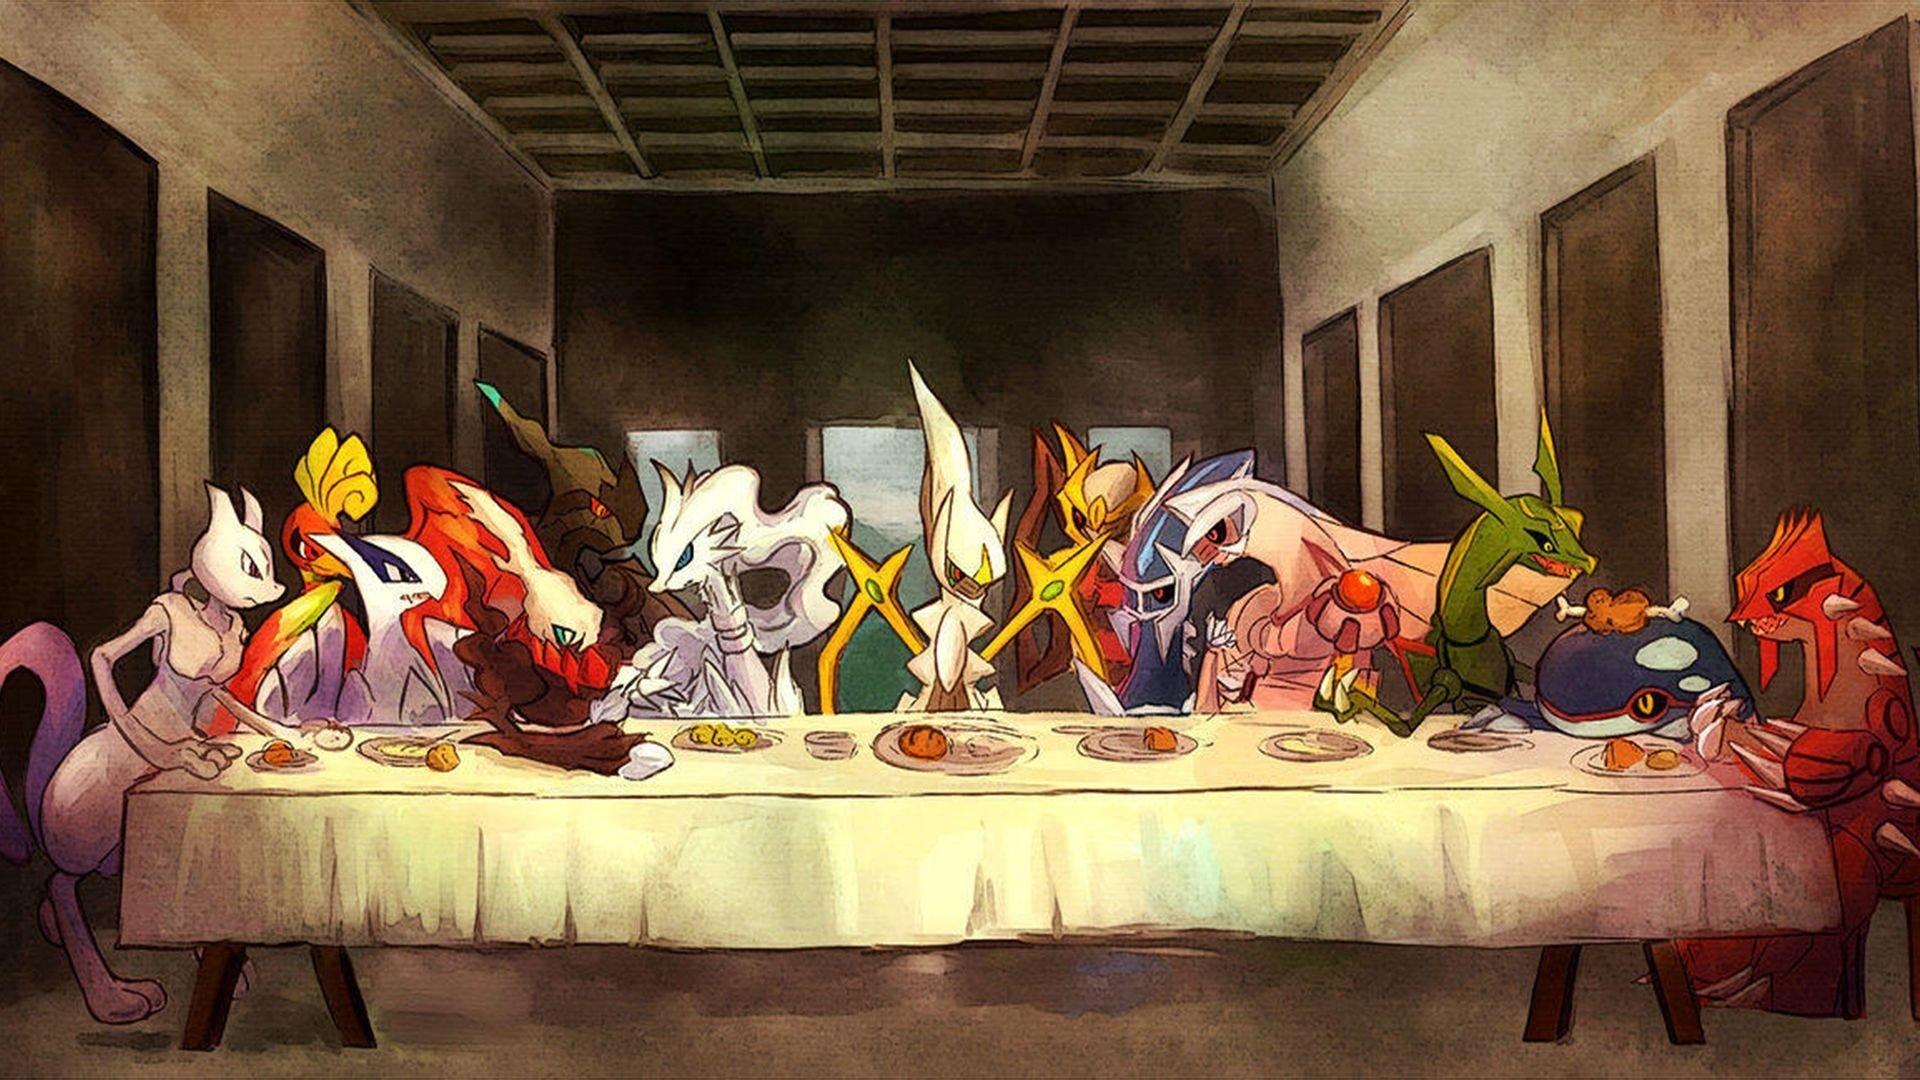 Anime - Pokémon  Mewtwo (Pokémon) Ho-oh (Pokémon) Lugia (Pokémon) Darkrai (Pokémon) Reshiram (Pokémon) Zekrom (Pokemon) Arceus (Pokémon) Giratina (Pokémon) Dialga (Pokémon) Palkia (Pokémon) Rayquaza (Pokémon) Kyogre (Pokémon) Groudon (Pokémon) The Last Supper Wallpaper